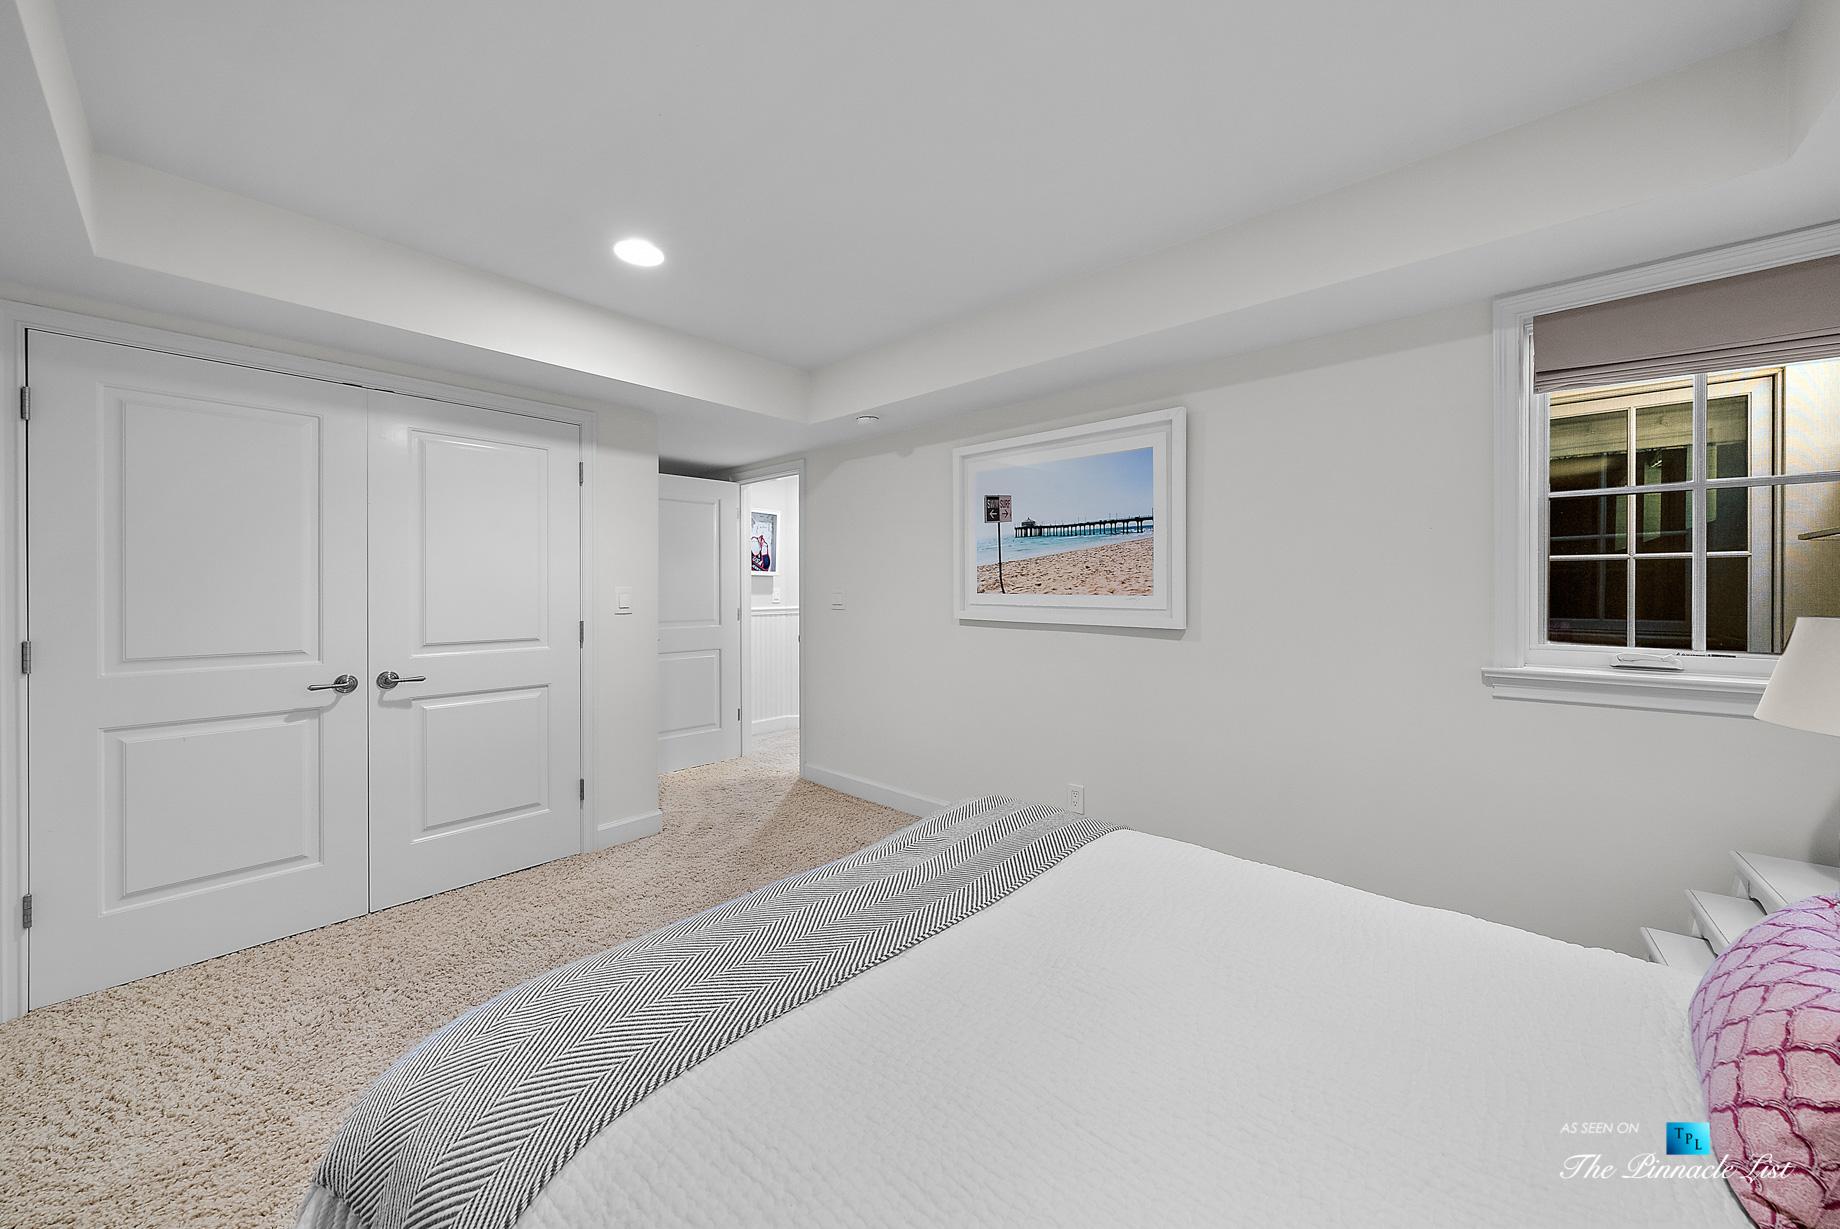 877 8th Street, Manhattan Beach, CA, USA – Basement Bedroom